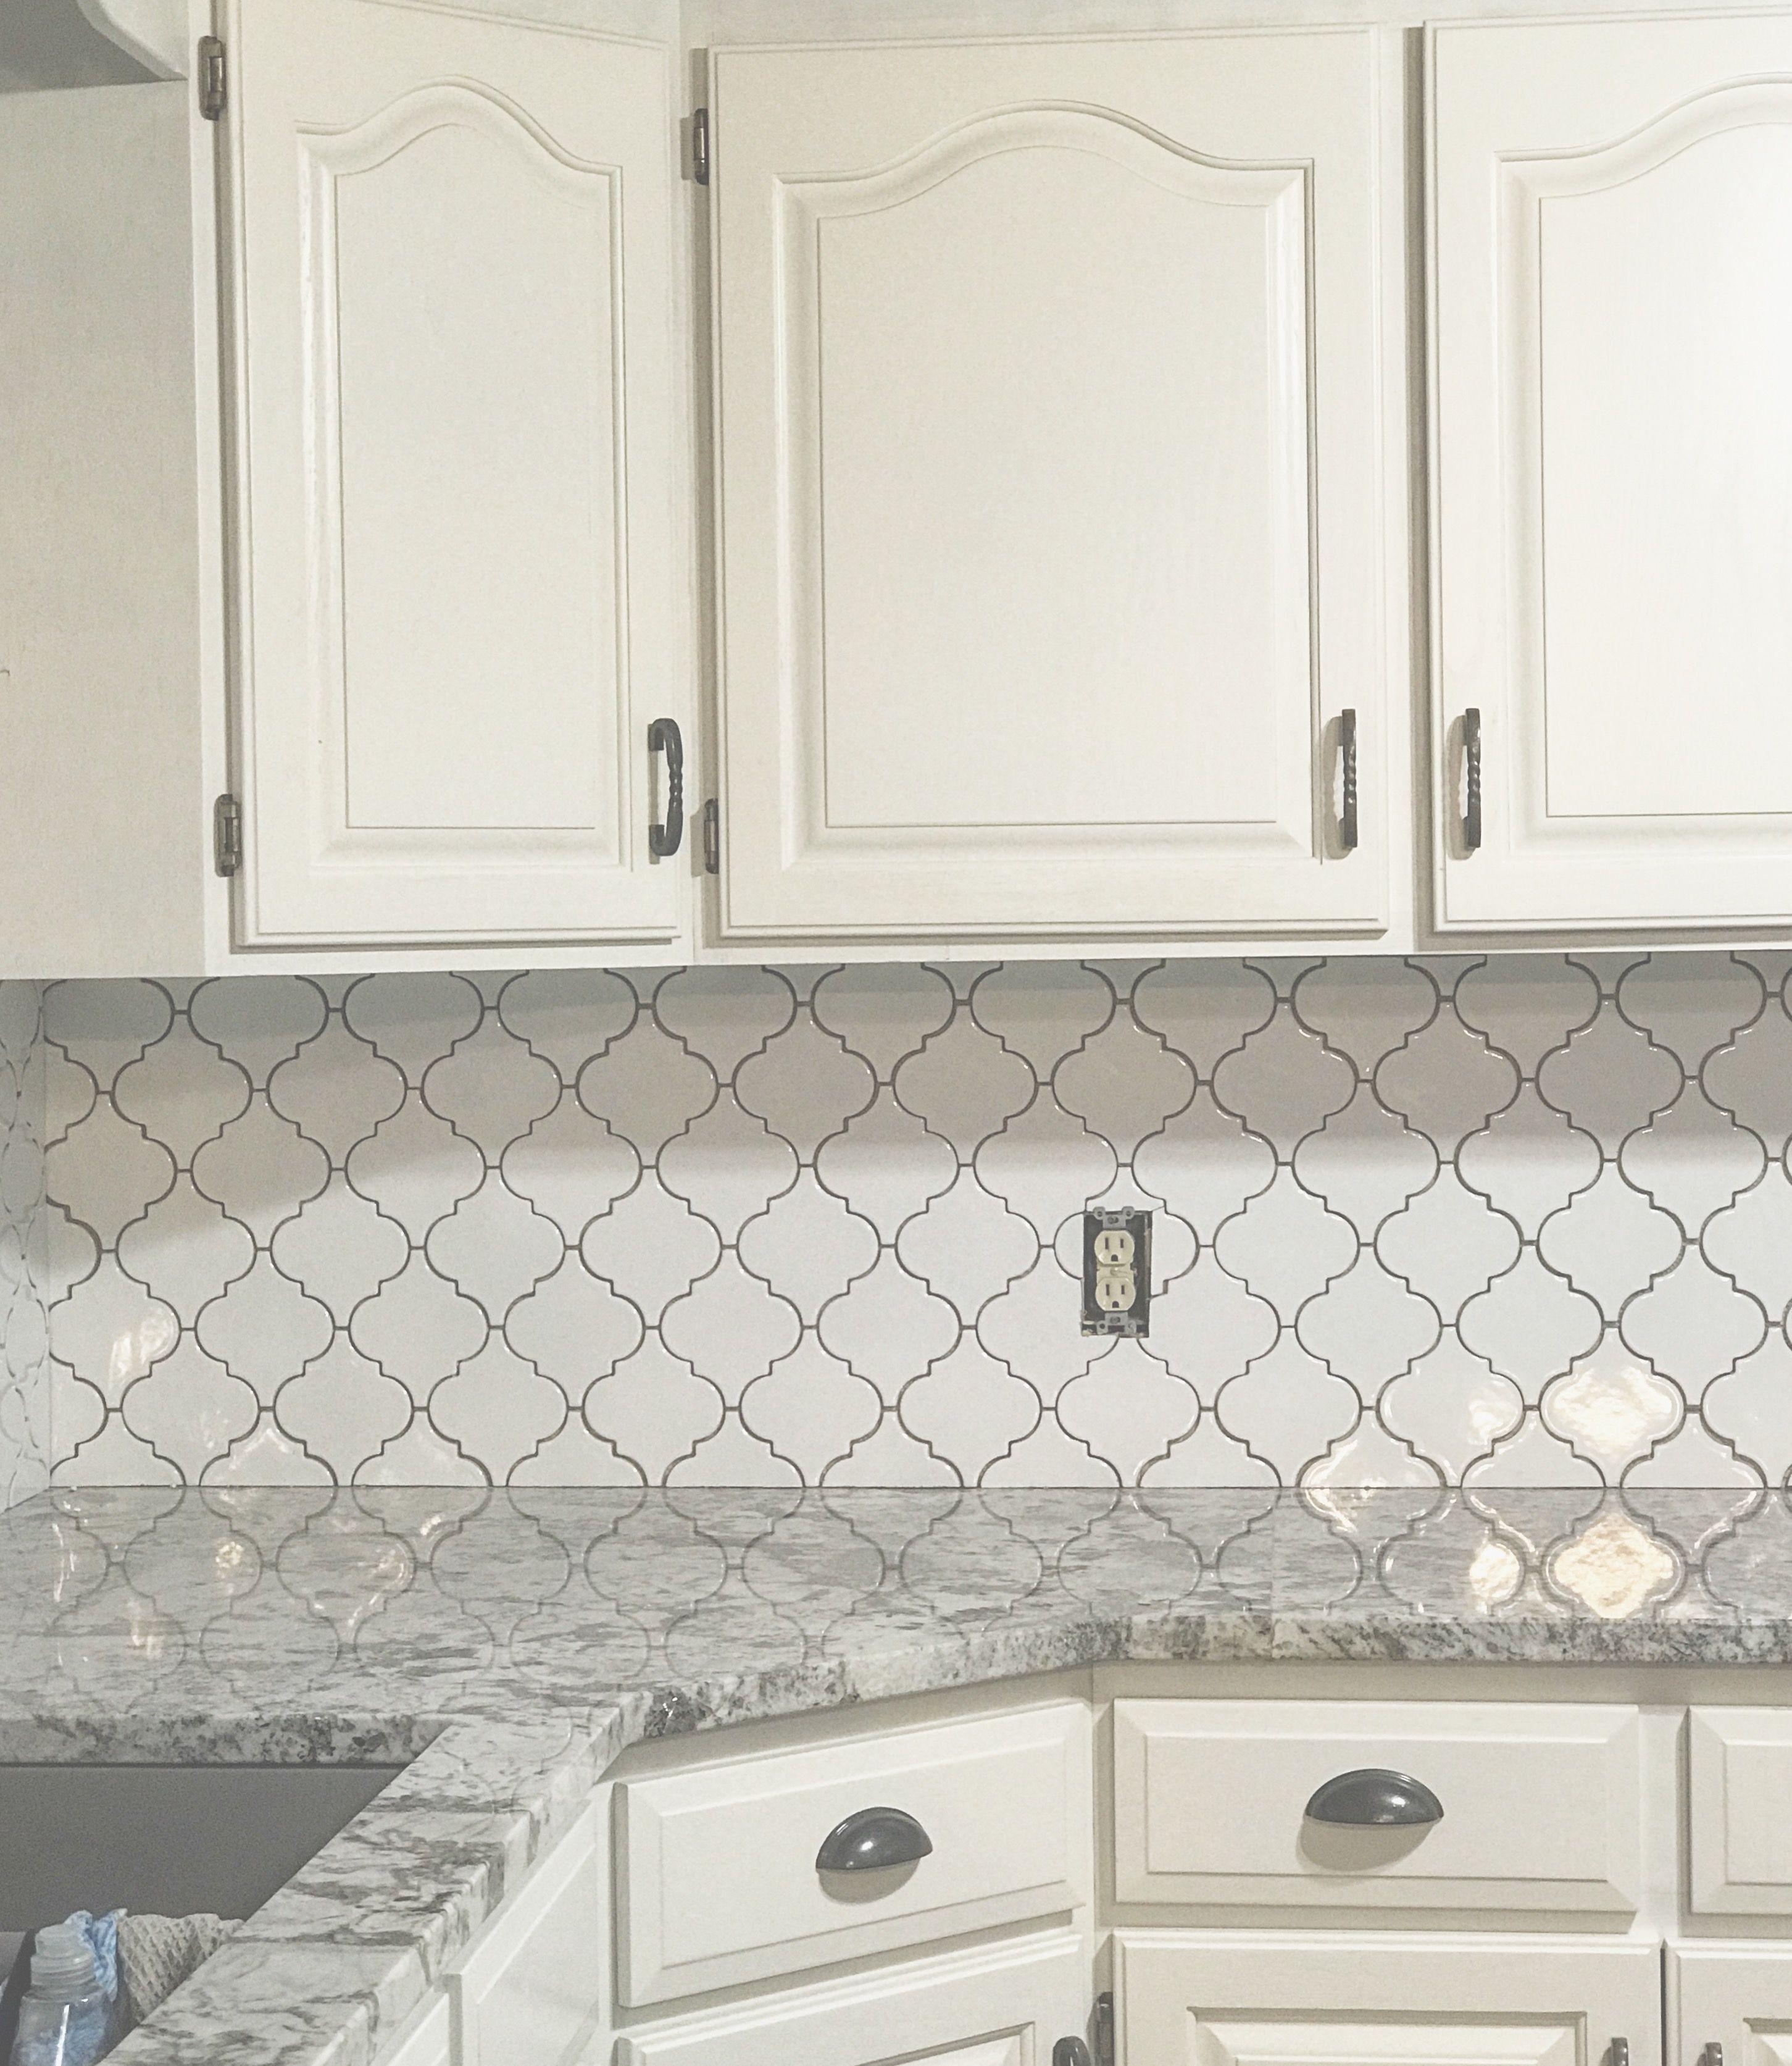 Arabesque Backsplash Cabinets Coun Granite Gray Arabesque Backspla Arabesque Tile Backsplash Granite Countertops Kitchen Kitchen Cabinets Grey And White